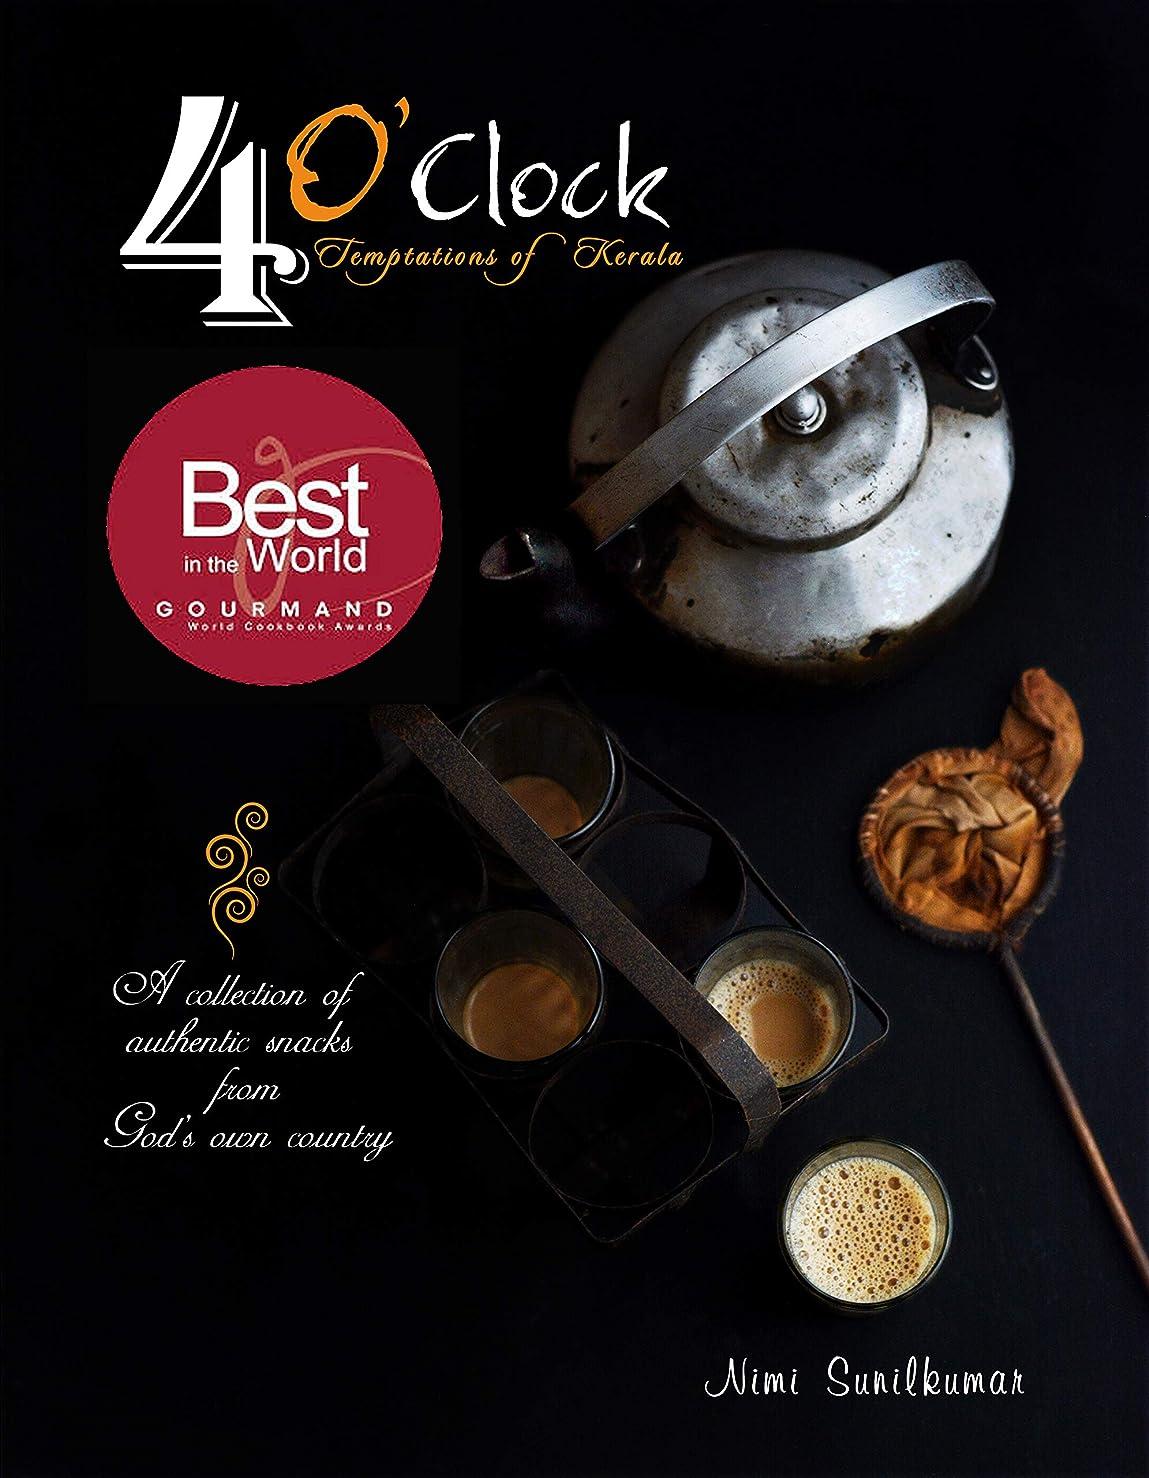 秘密の雑多な意気揚々4 o'clock temptations of Kerala: A collection of authentic snacks from God's own country (English Edition)